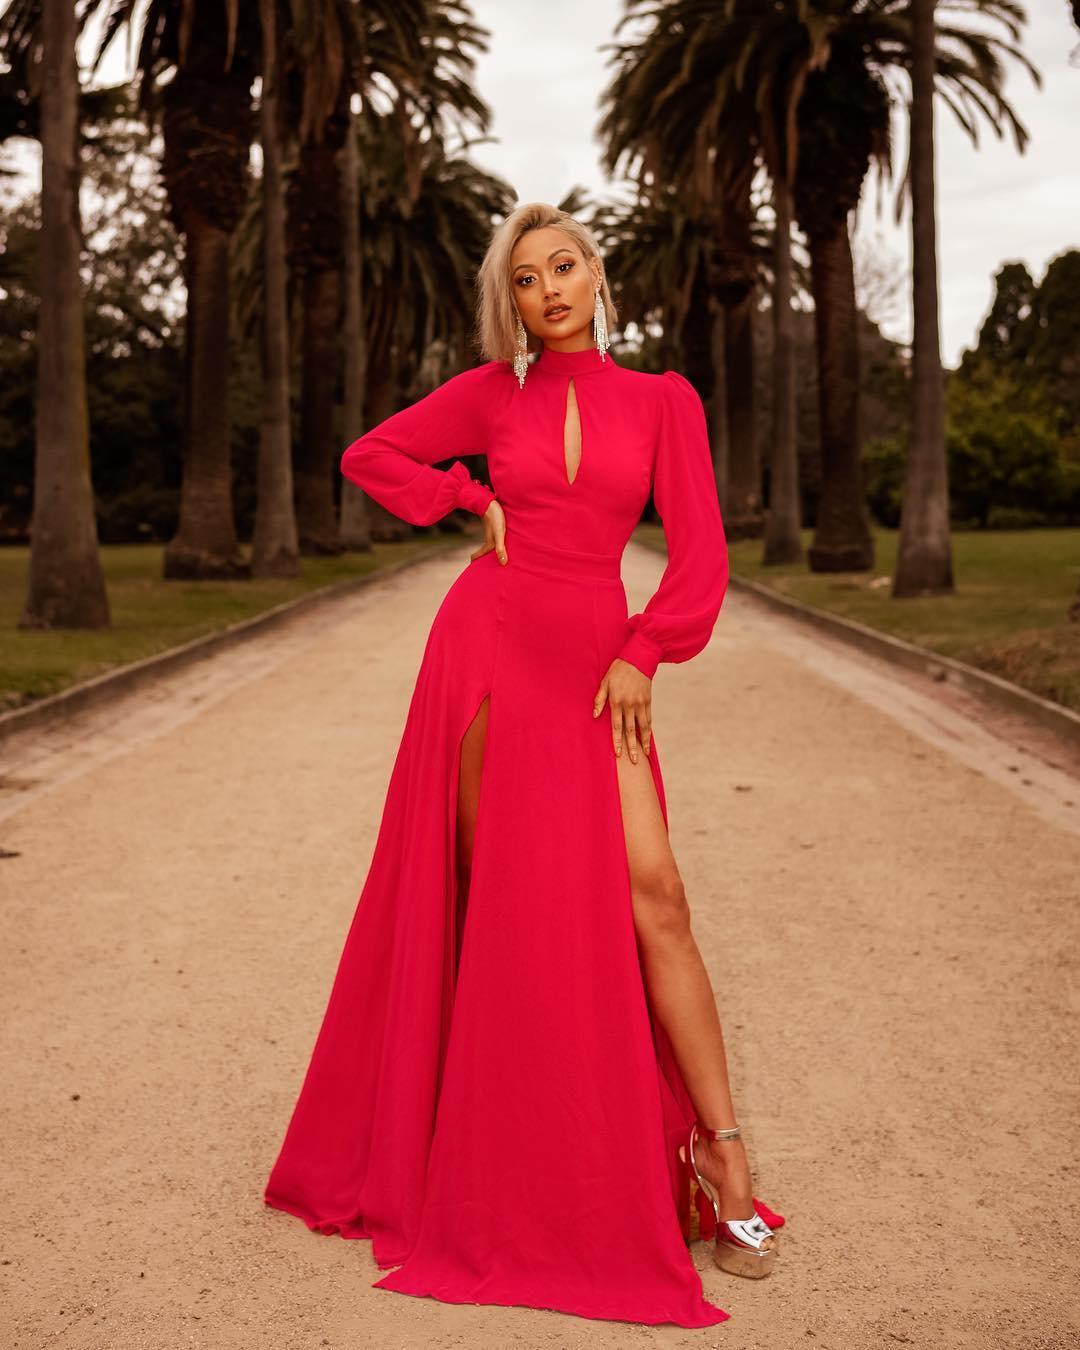 розовое платье фото 9